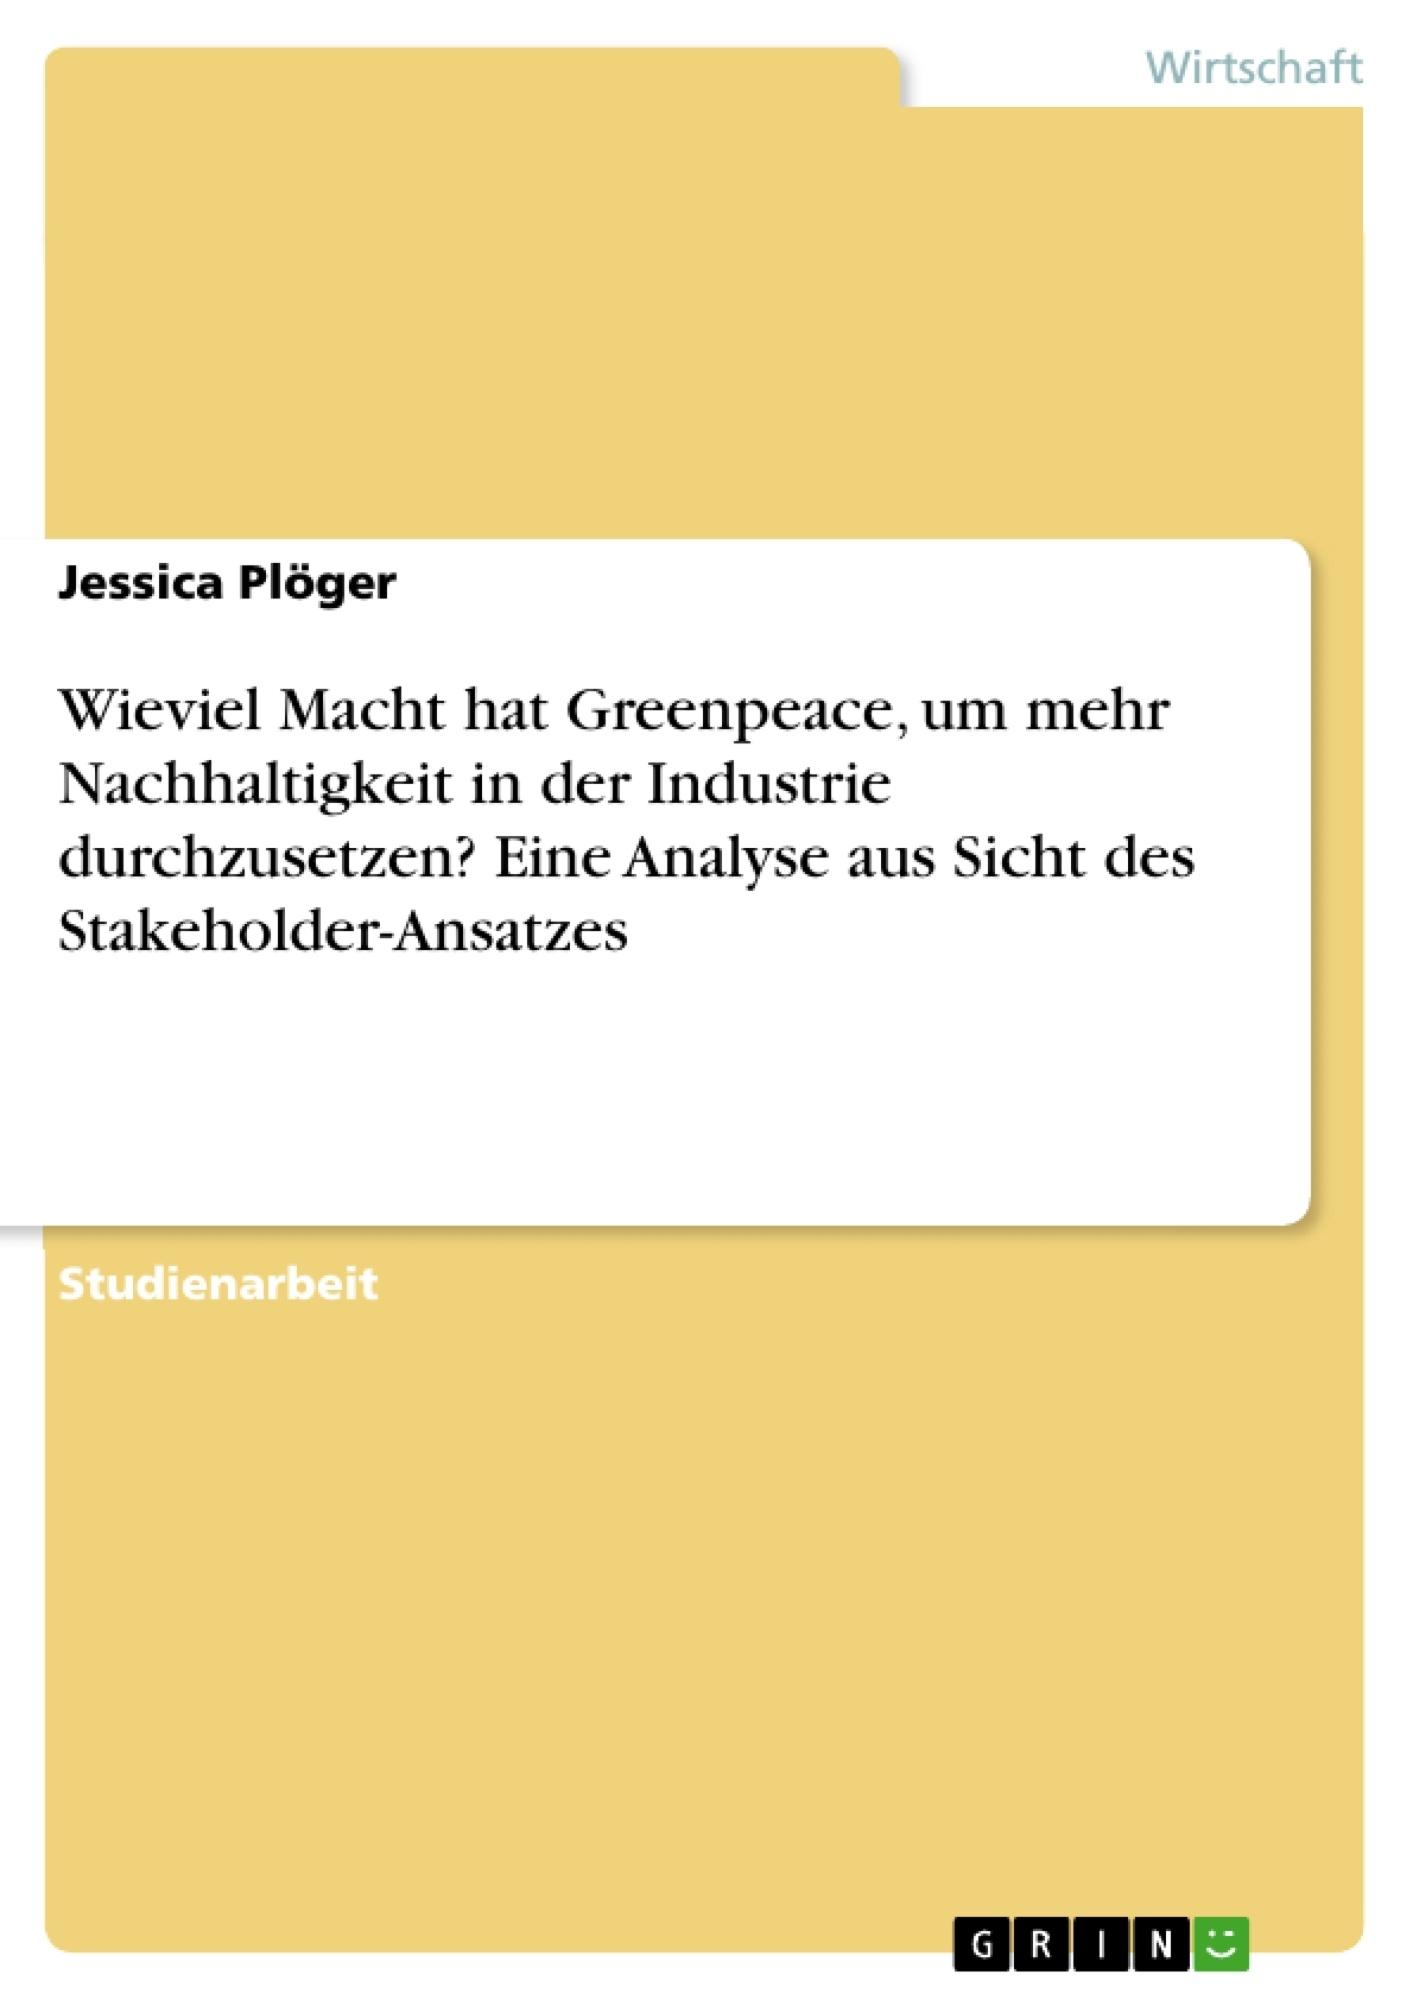 Titel: Wieviel Macht hat Greenpeace, um mehr Nachhaltigkeit in der Industrie durchzusetzen? Eine Analyse aus Sicht des Stakeholder-Ansatzes